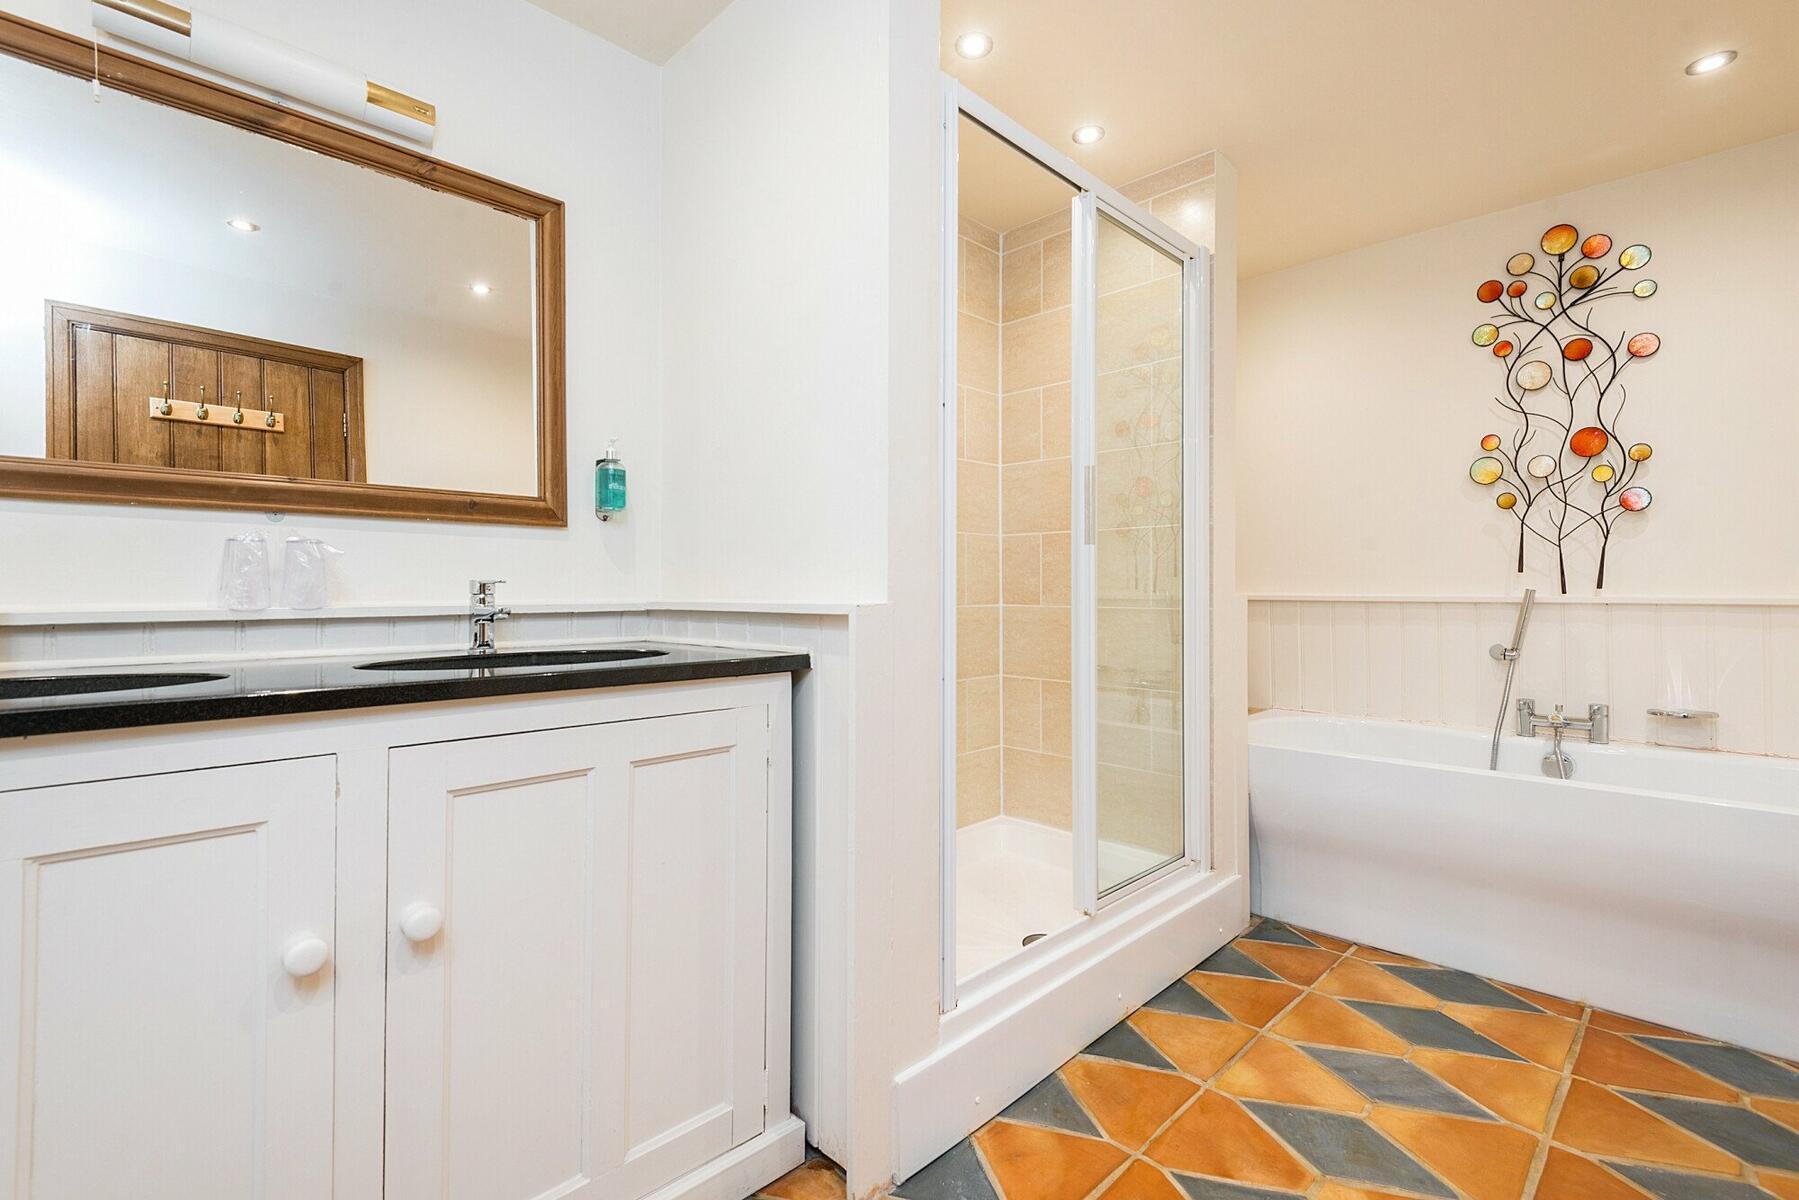 Oak en-suite bathroom